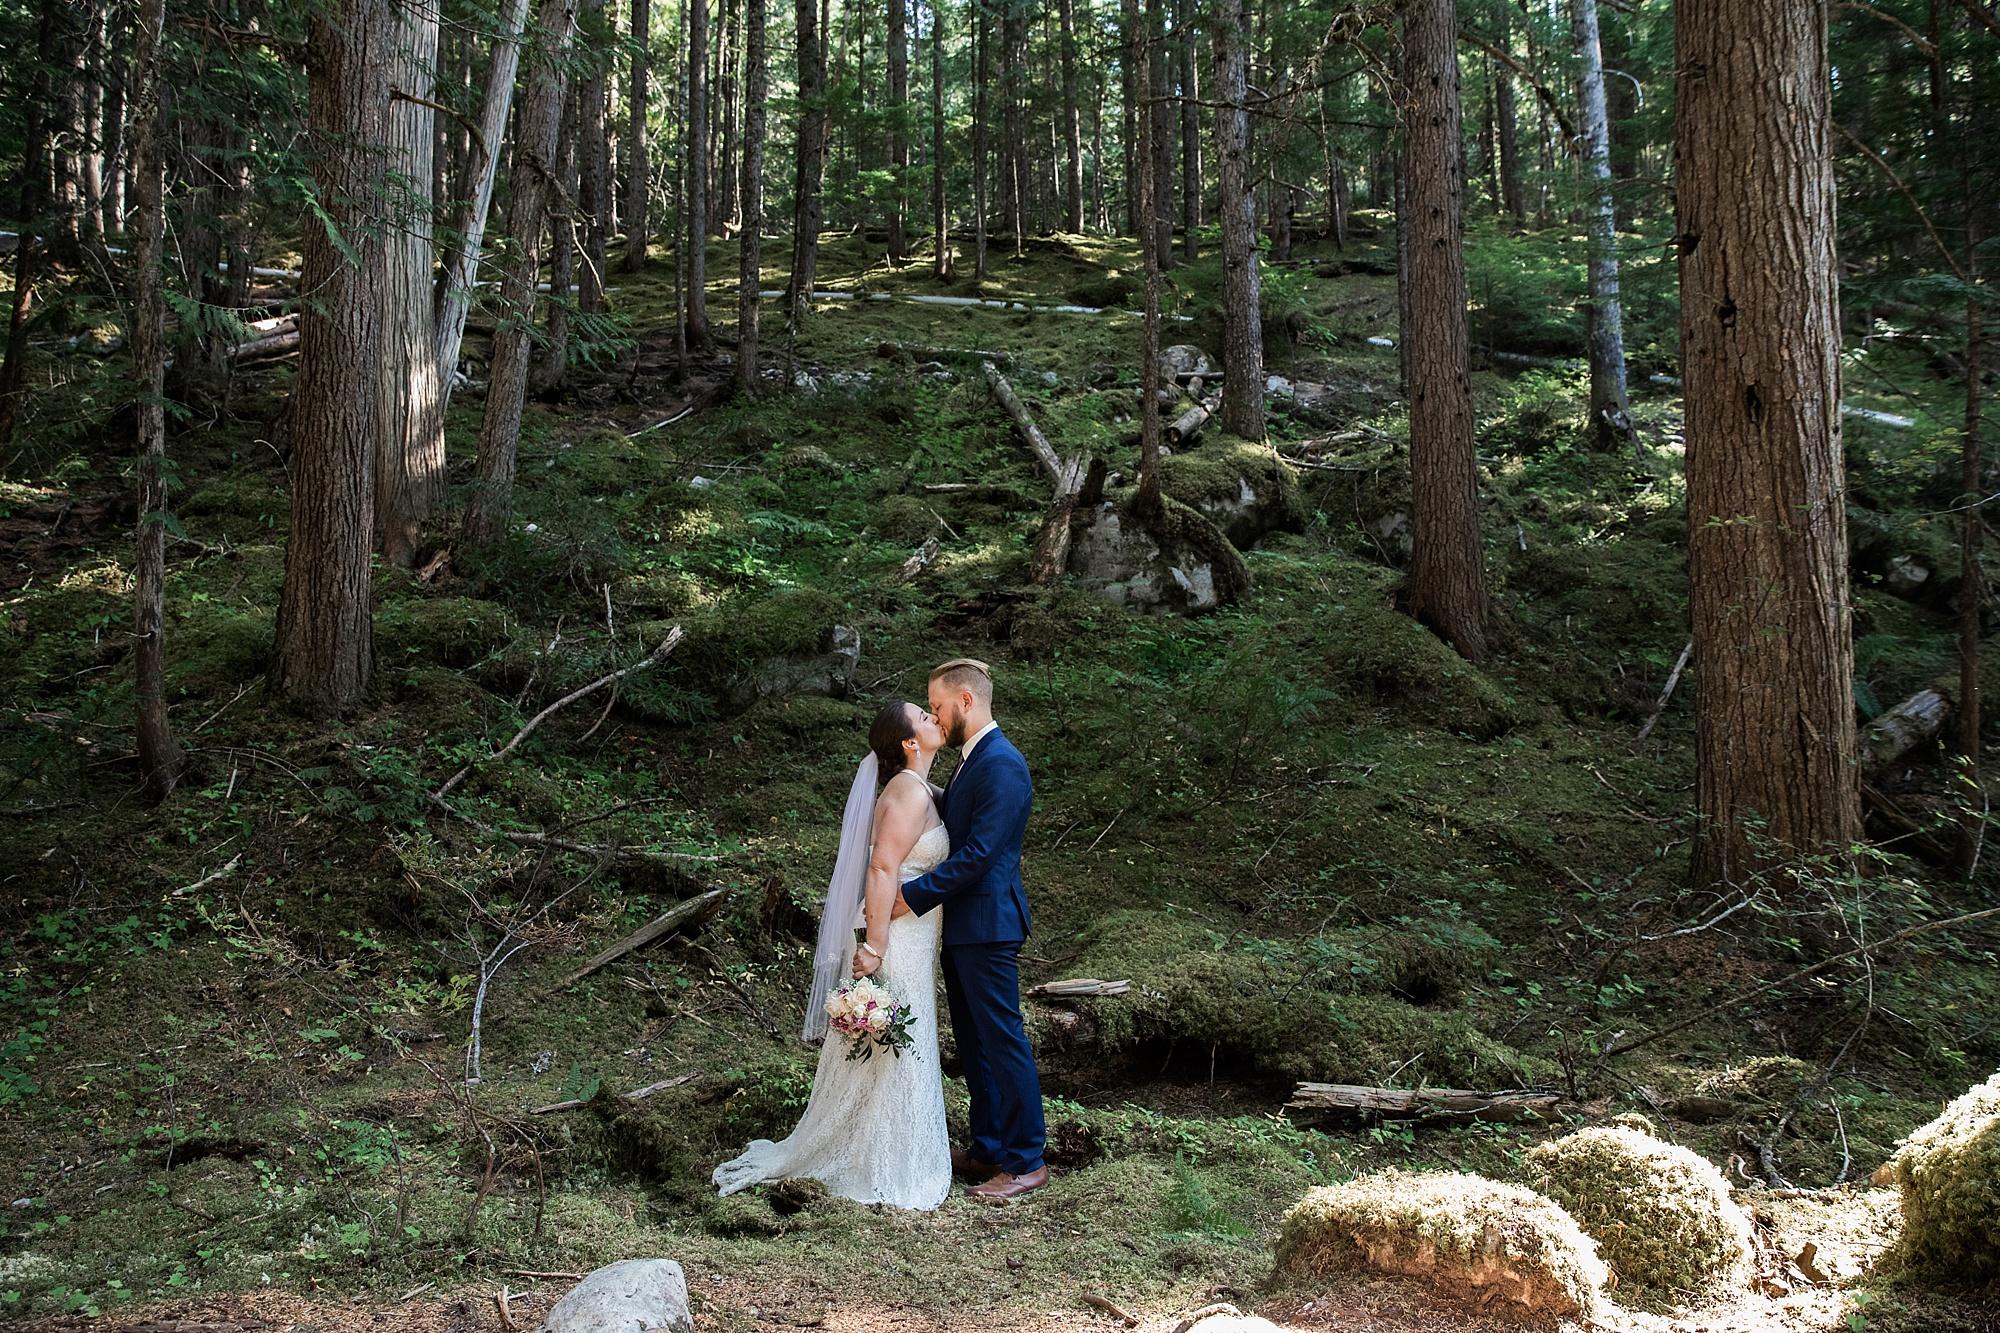 nakusp-wedding-photographer_0044.jpg